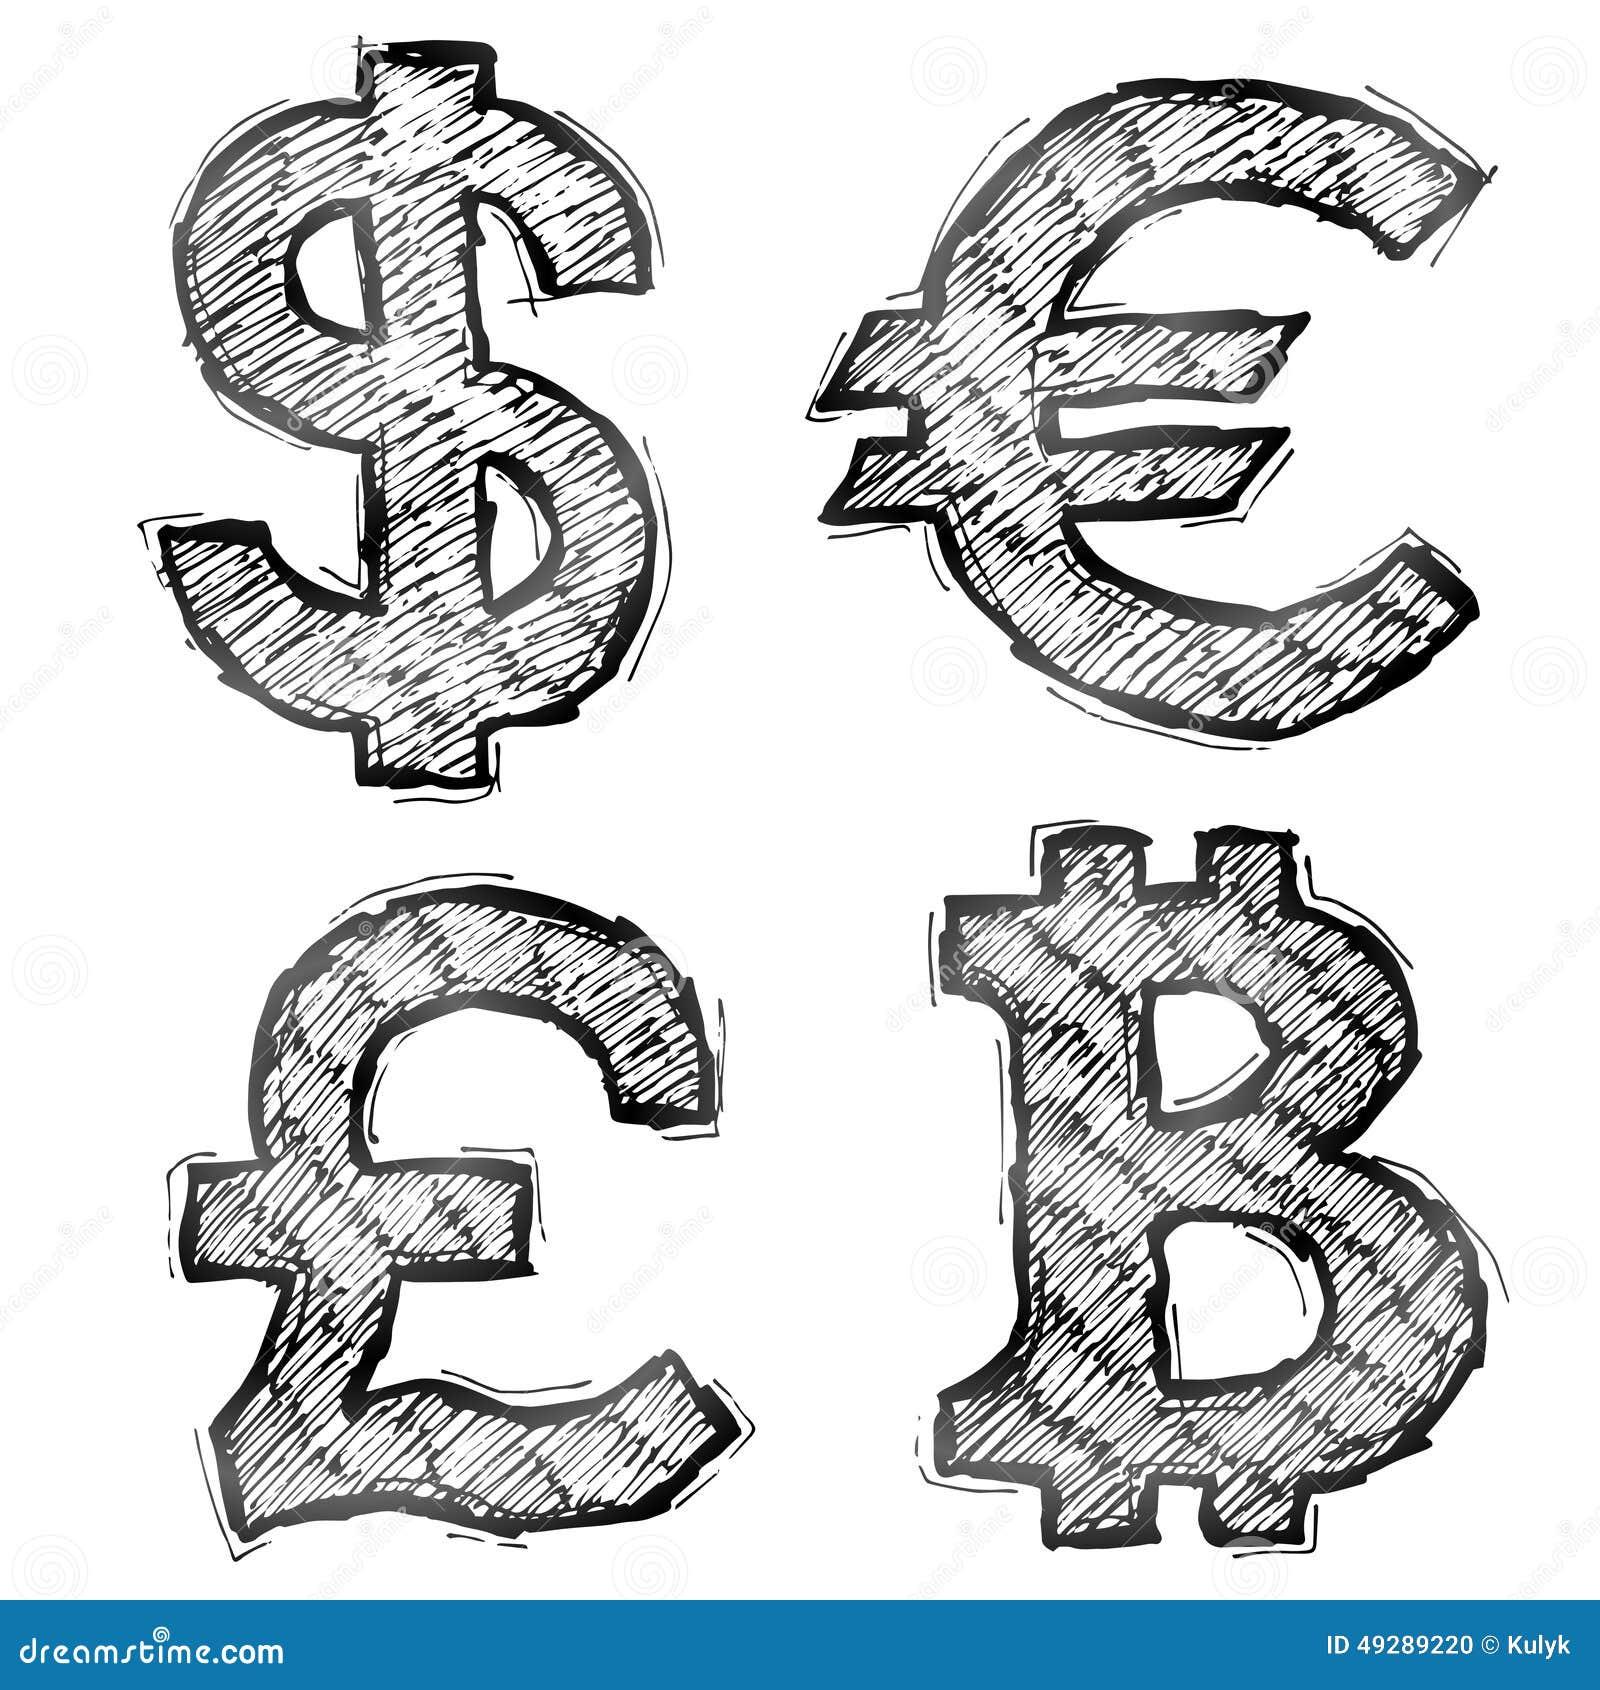 Доллар картинка как рисовать